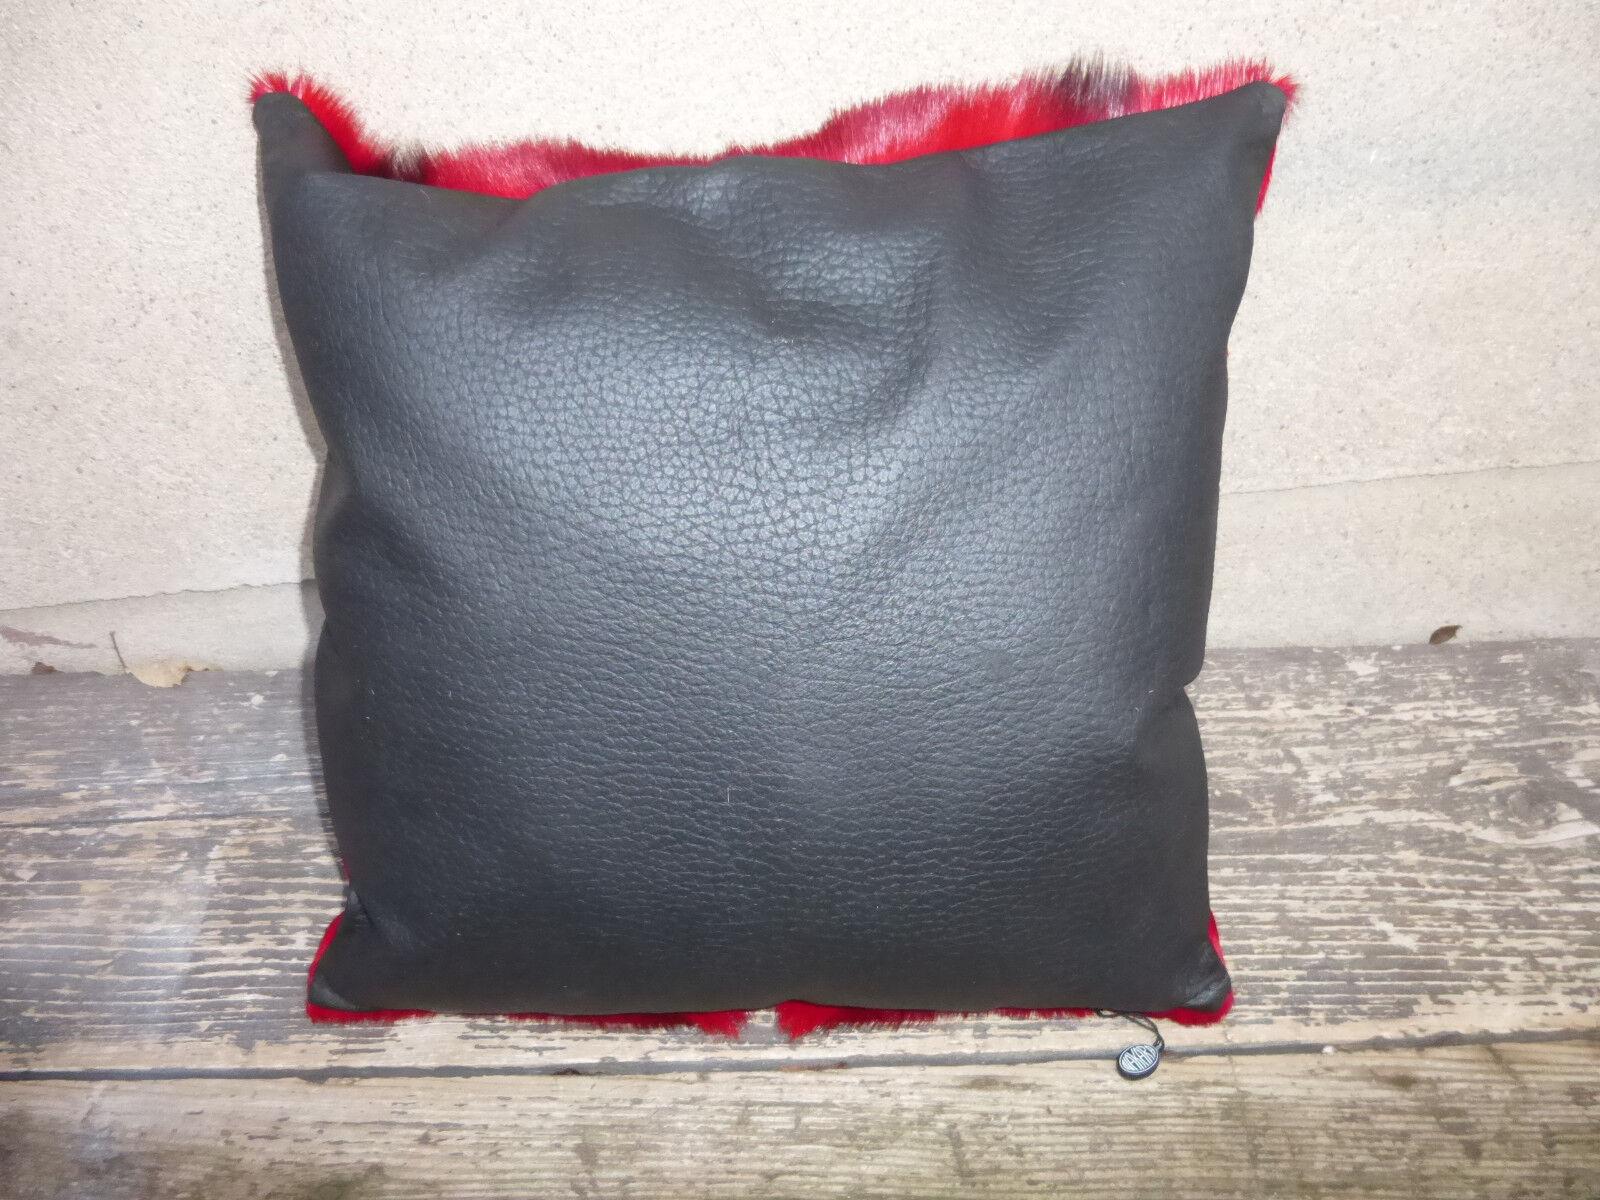 Nouvel oreiller en springbockfell, véritable springbockfell, en Rouge Colorés/Décoration/roue e18775